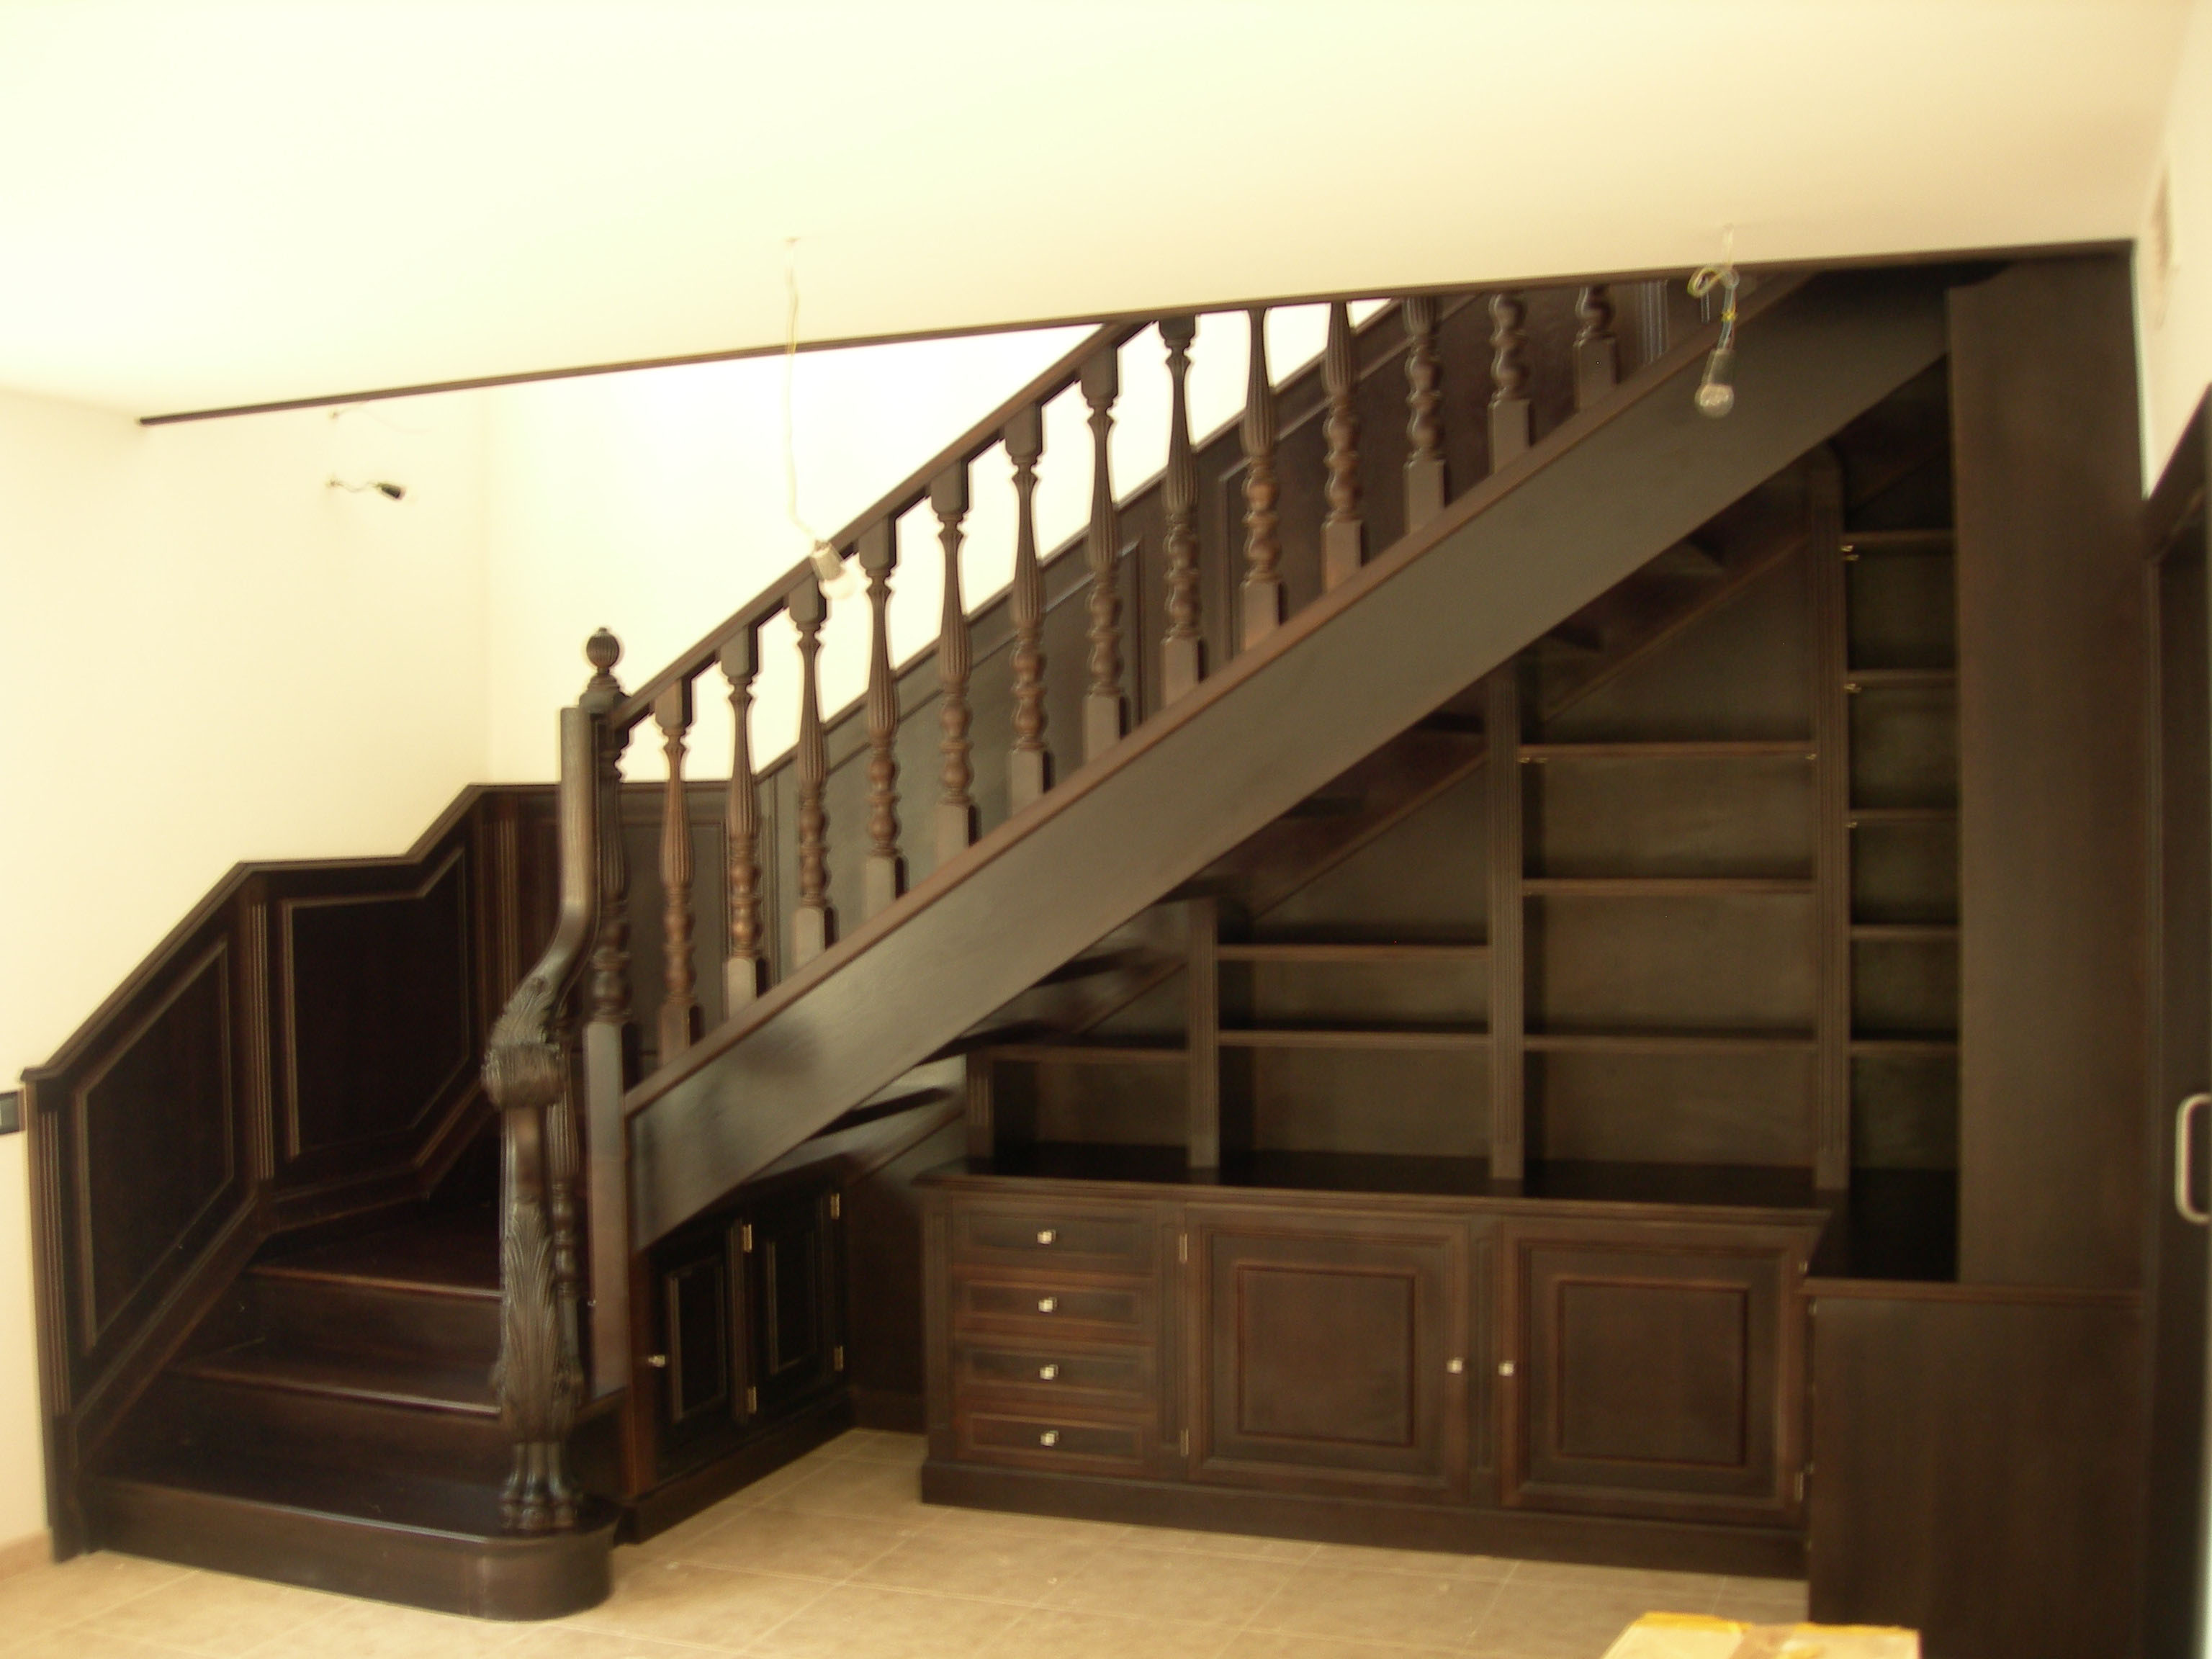 Escaleras para librerias interesting resulta muy - Librerias con escalera ...